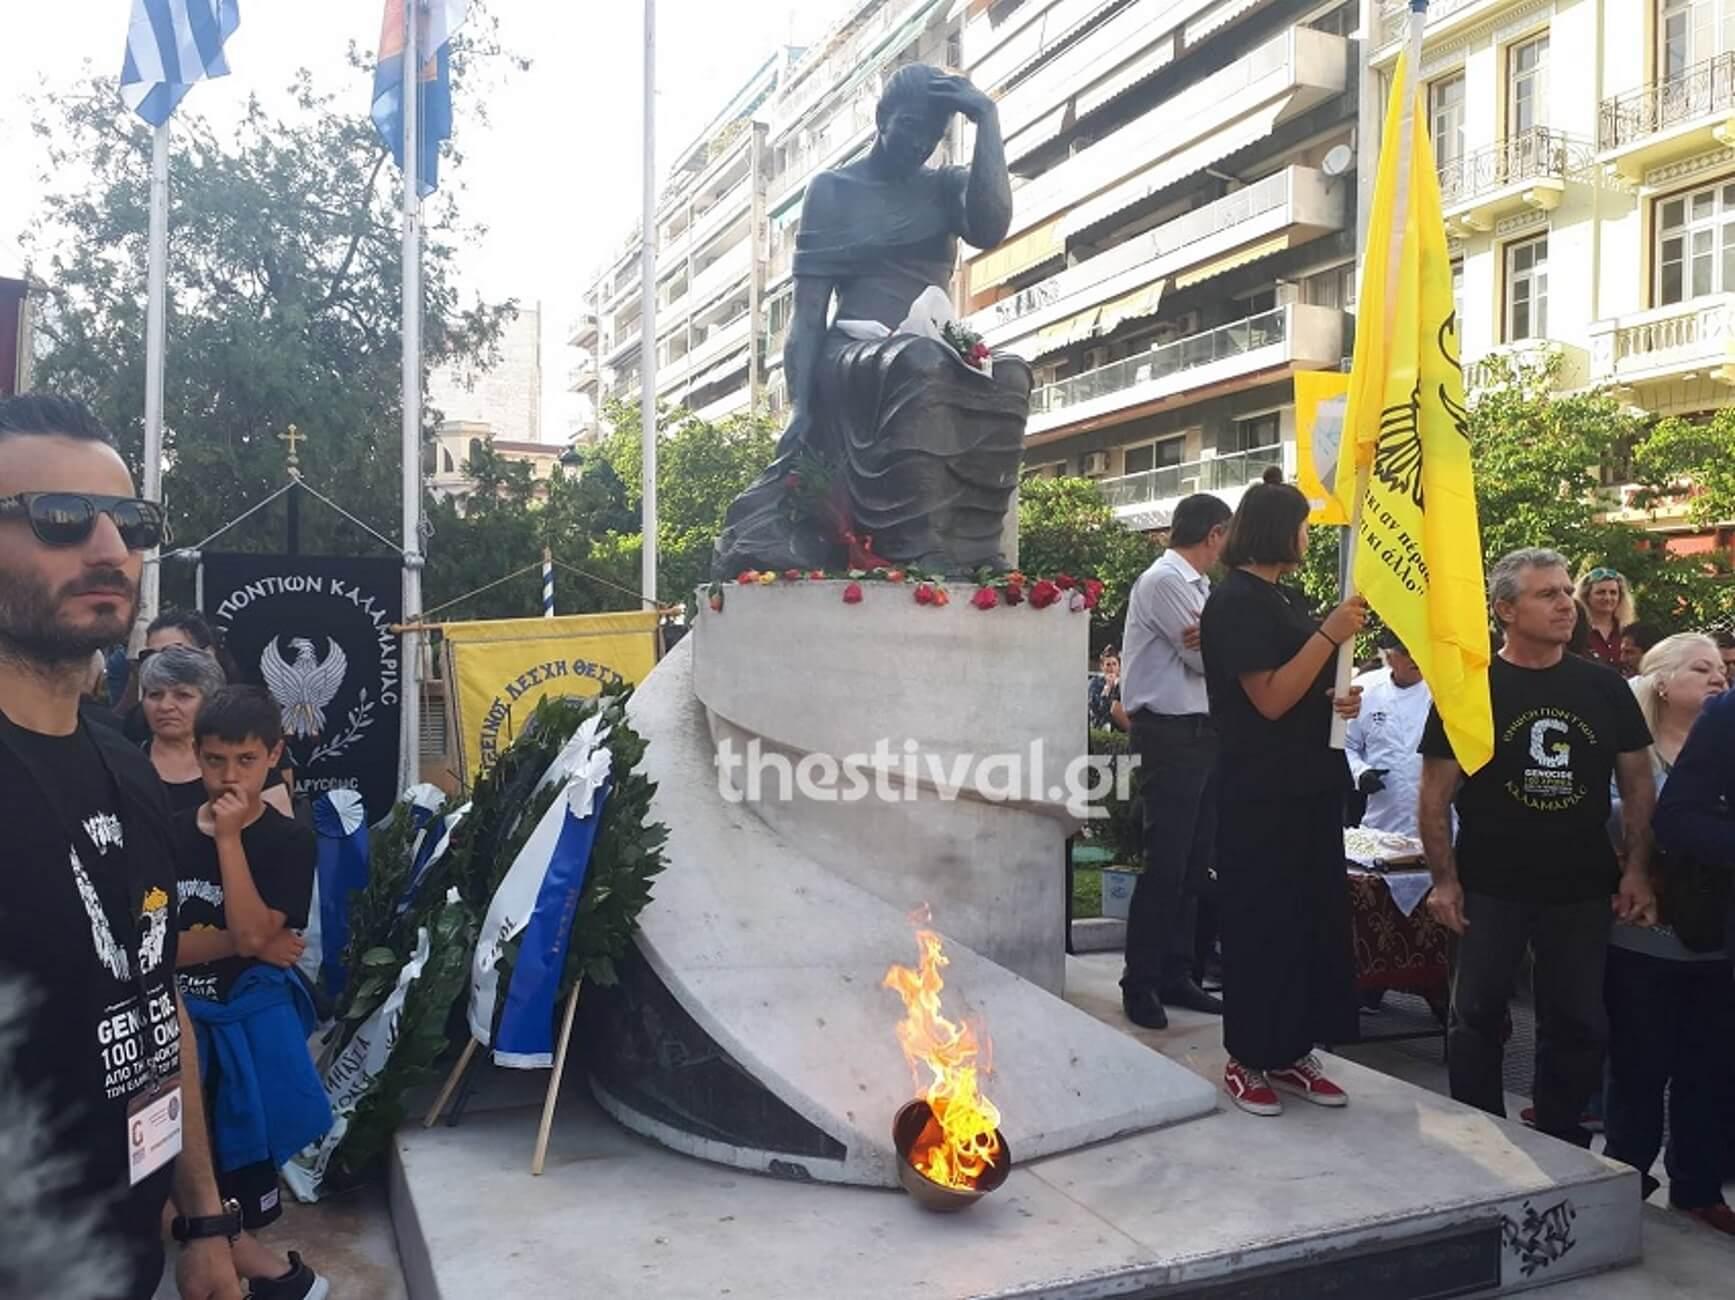 """Γενοκτονία Ποντίων: Έφτασε η """"φλόγα του Πόντου"""" – Συγκίνηση στην πλατεία Αγίας Σοφίας [pics, video]"""